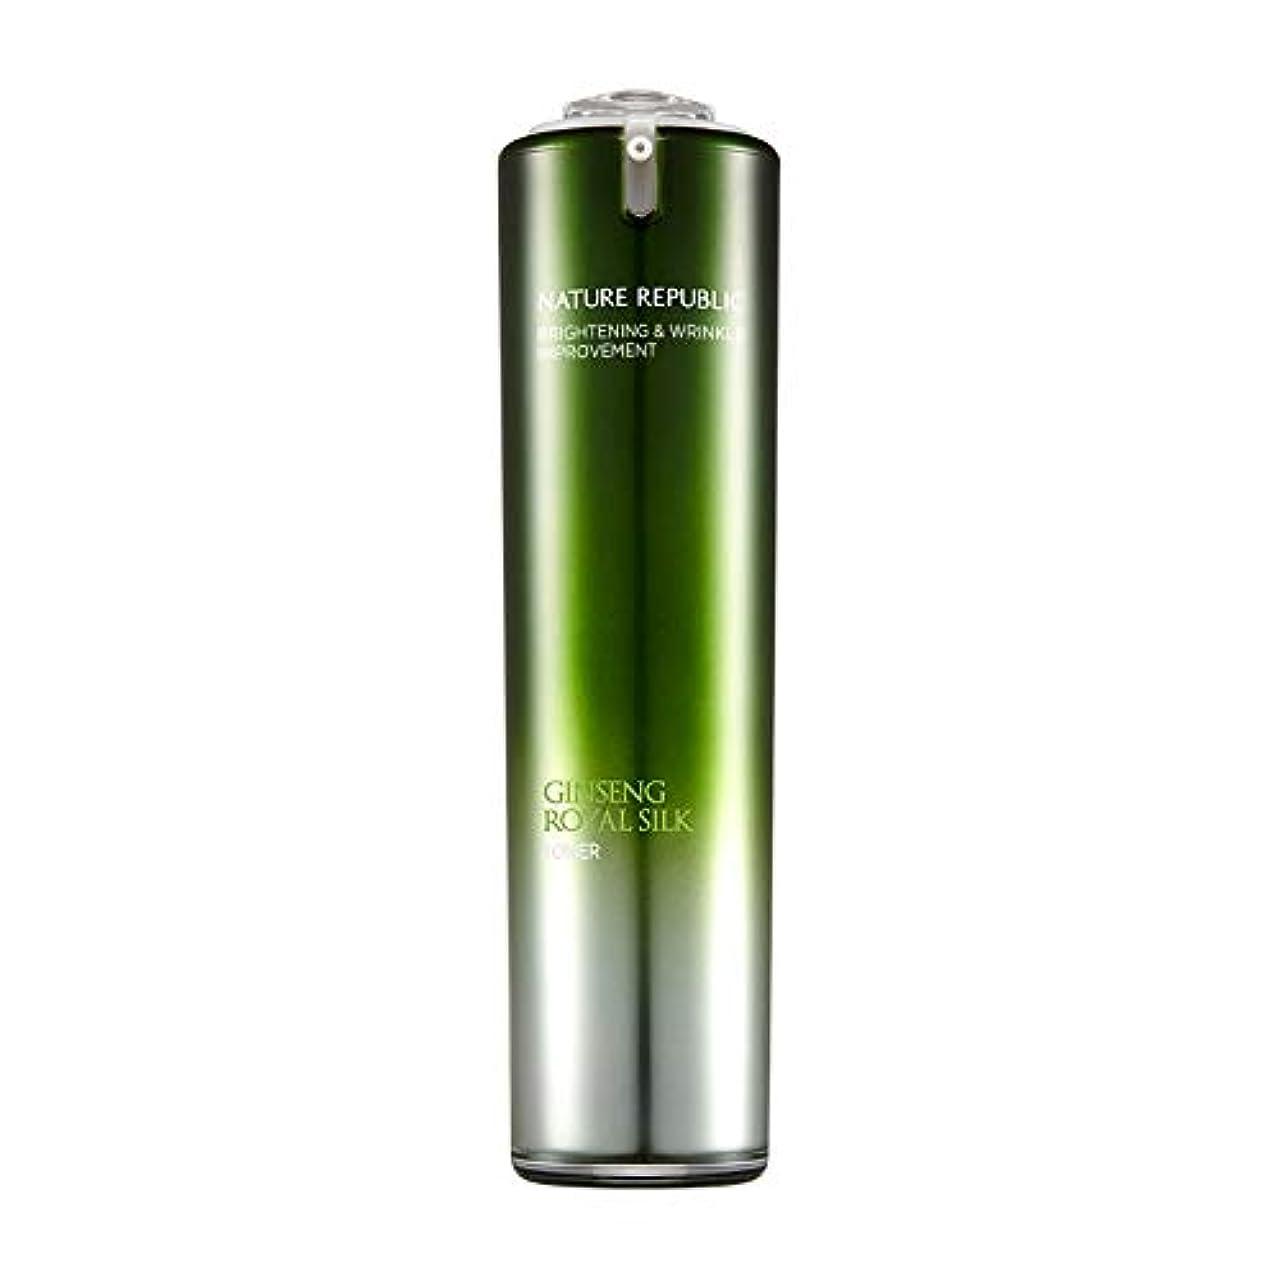 ネイチャーリパブリック(Nature Republic)ジンセンロイヤルシルクトナー 120ml / Ginseng Royal Silk Toner 120ml :: 韓国コスメ [並行輸入品]